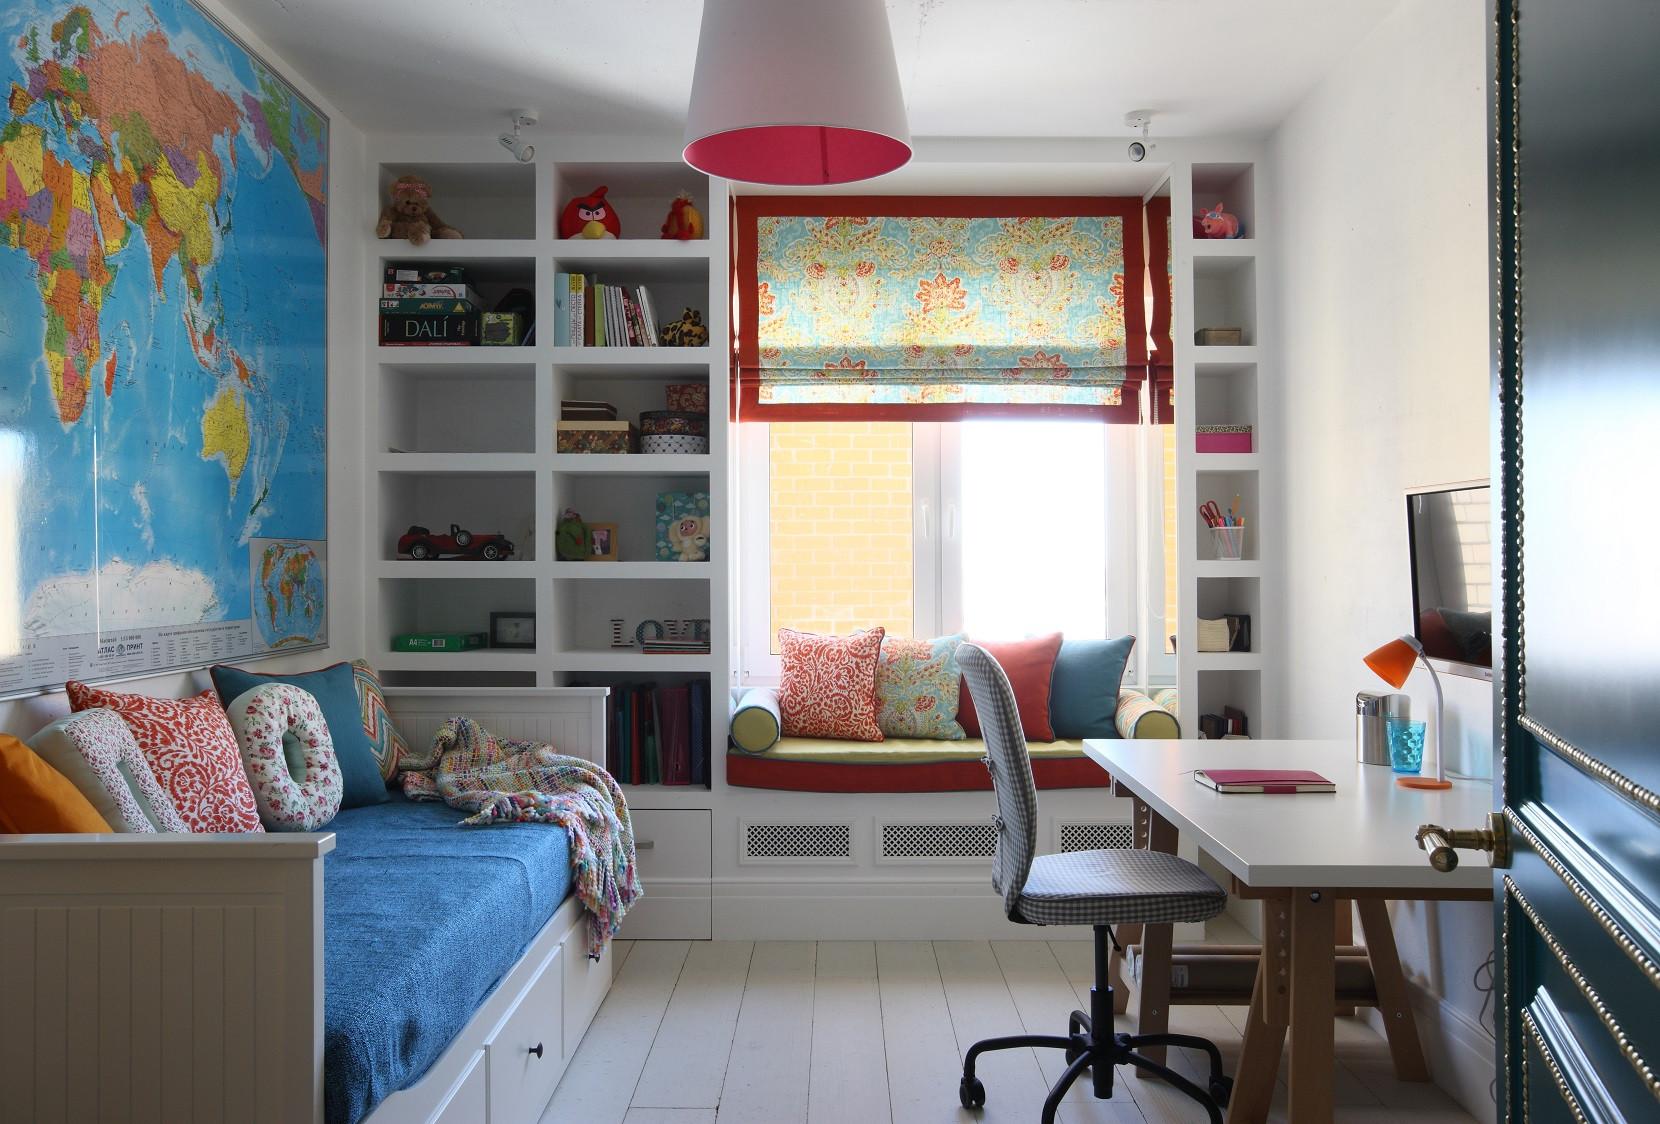 这是一个孩子学习的场所,颜色比较炫彩,有利于孩子增加更多的思考空间的上升